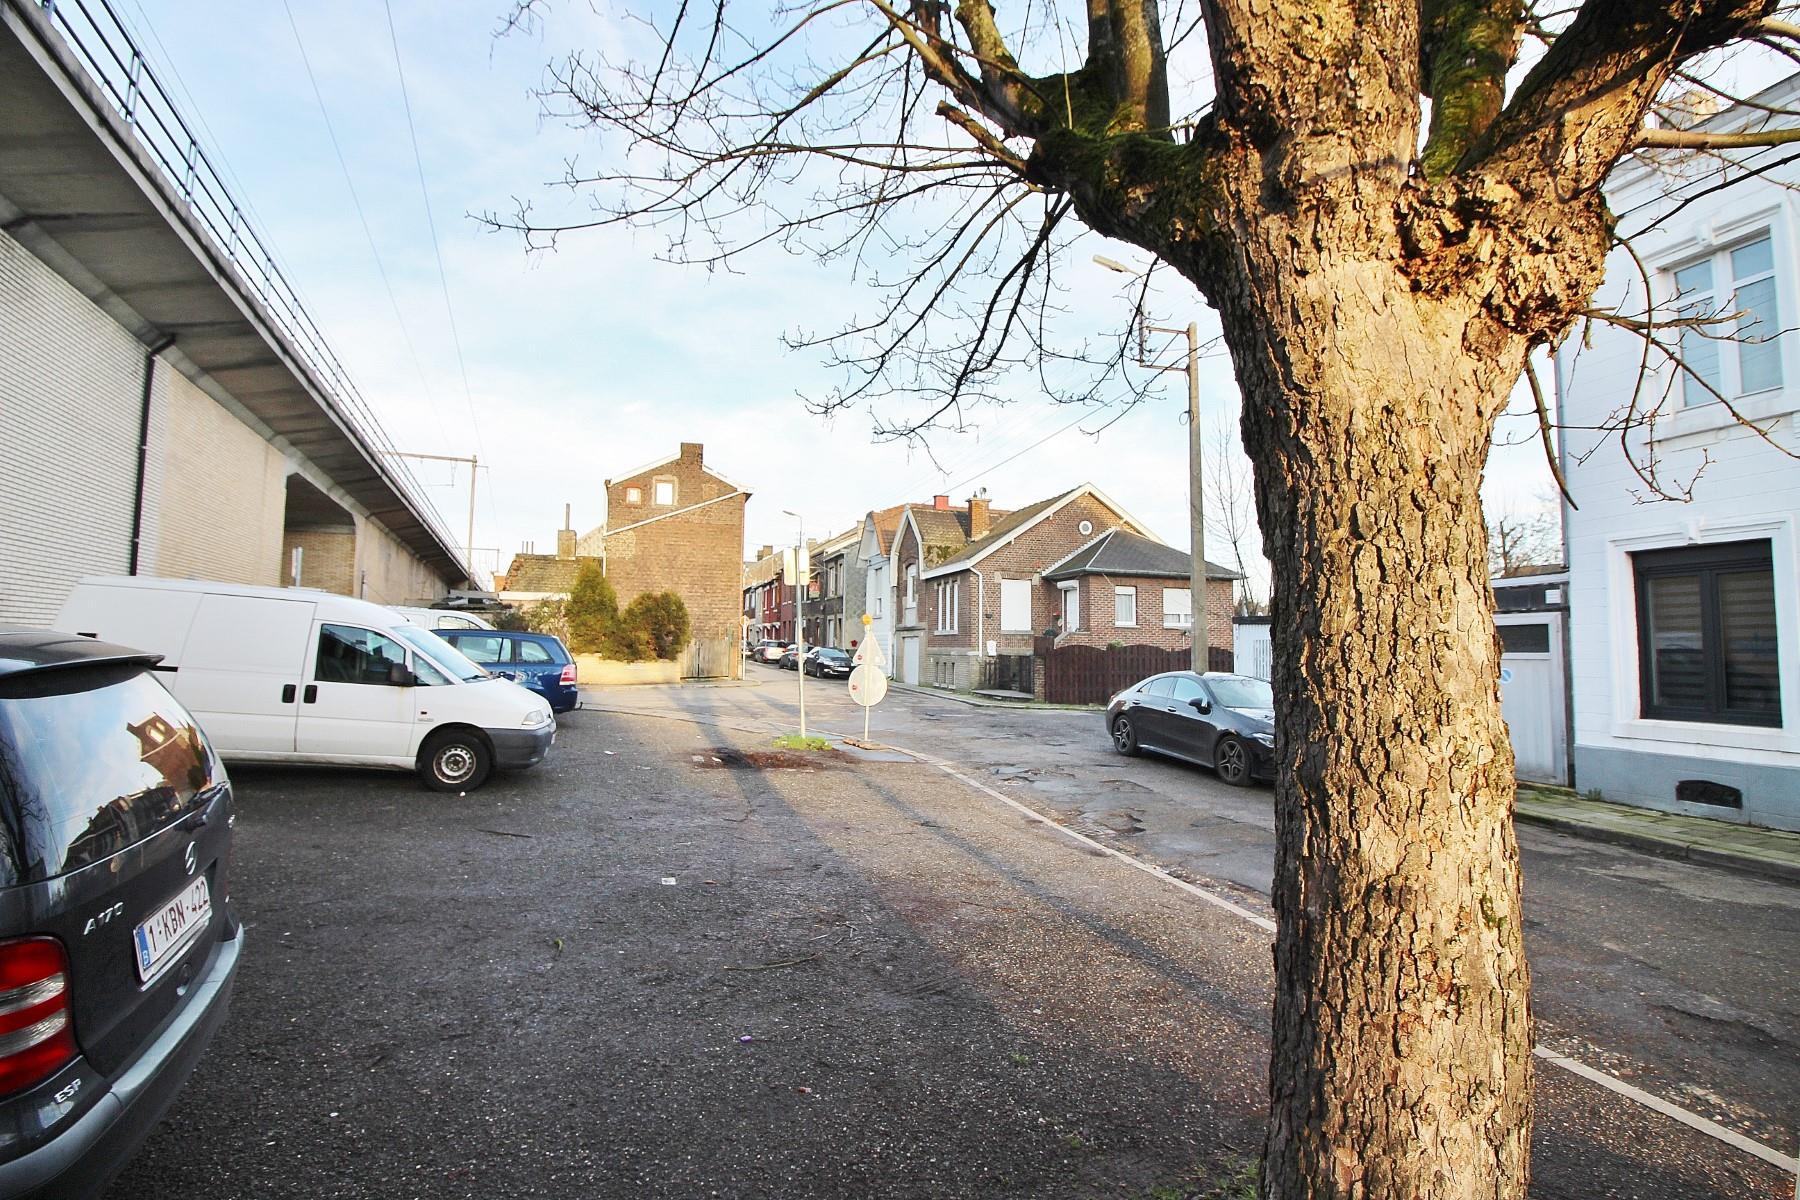 Maison - Seraing Jemeppe-sur-Meuse - #3972660-23